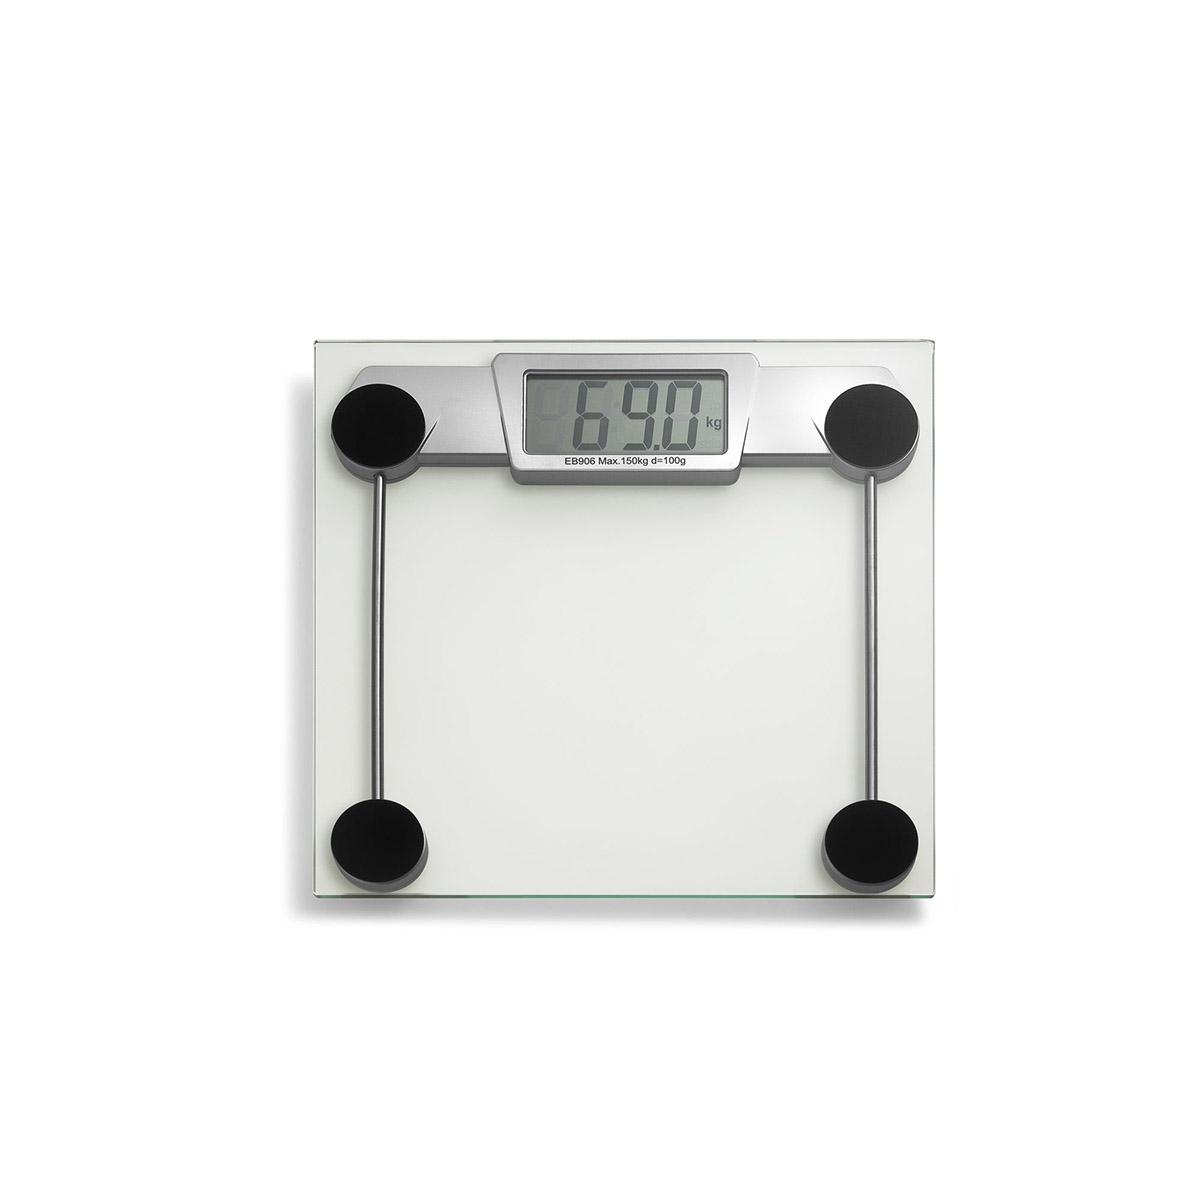 waga łazienkowa, do 150 kg, 30 x 30 cm, przezroczysta